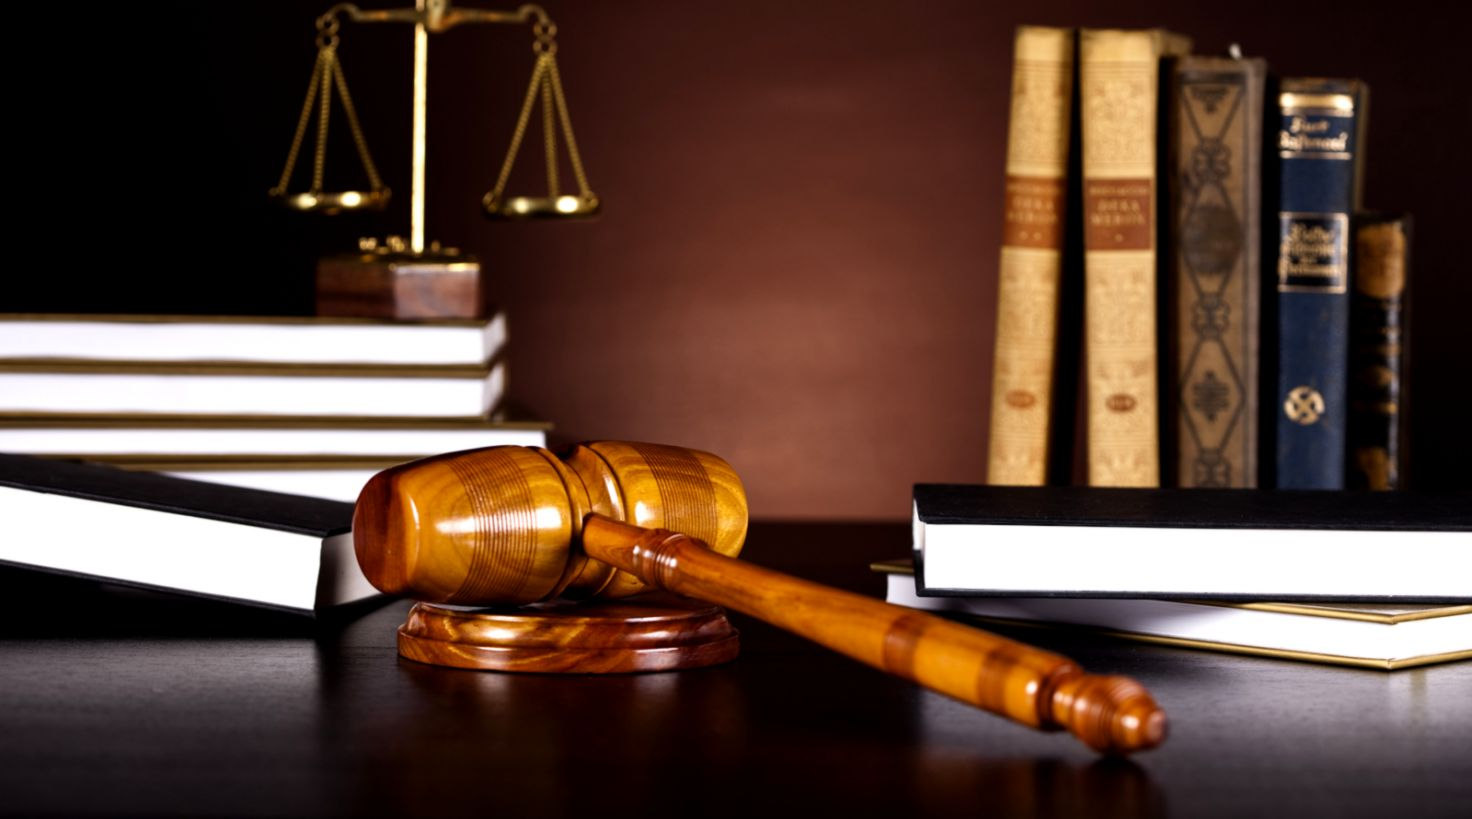 Best 56 Lawyer Wallpaper On Hipwallpaper Lawyer Wallpaper - Lawyer Hd , HD Wallpaper & Backgrounds